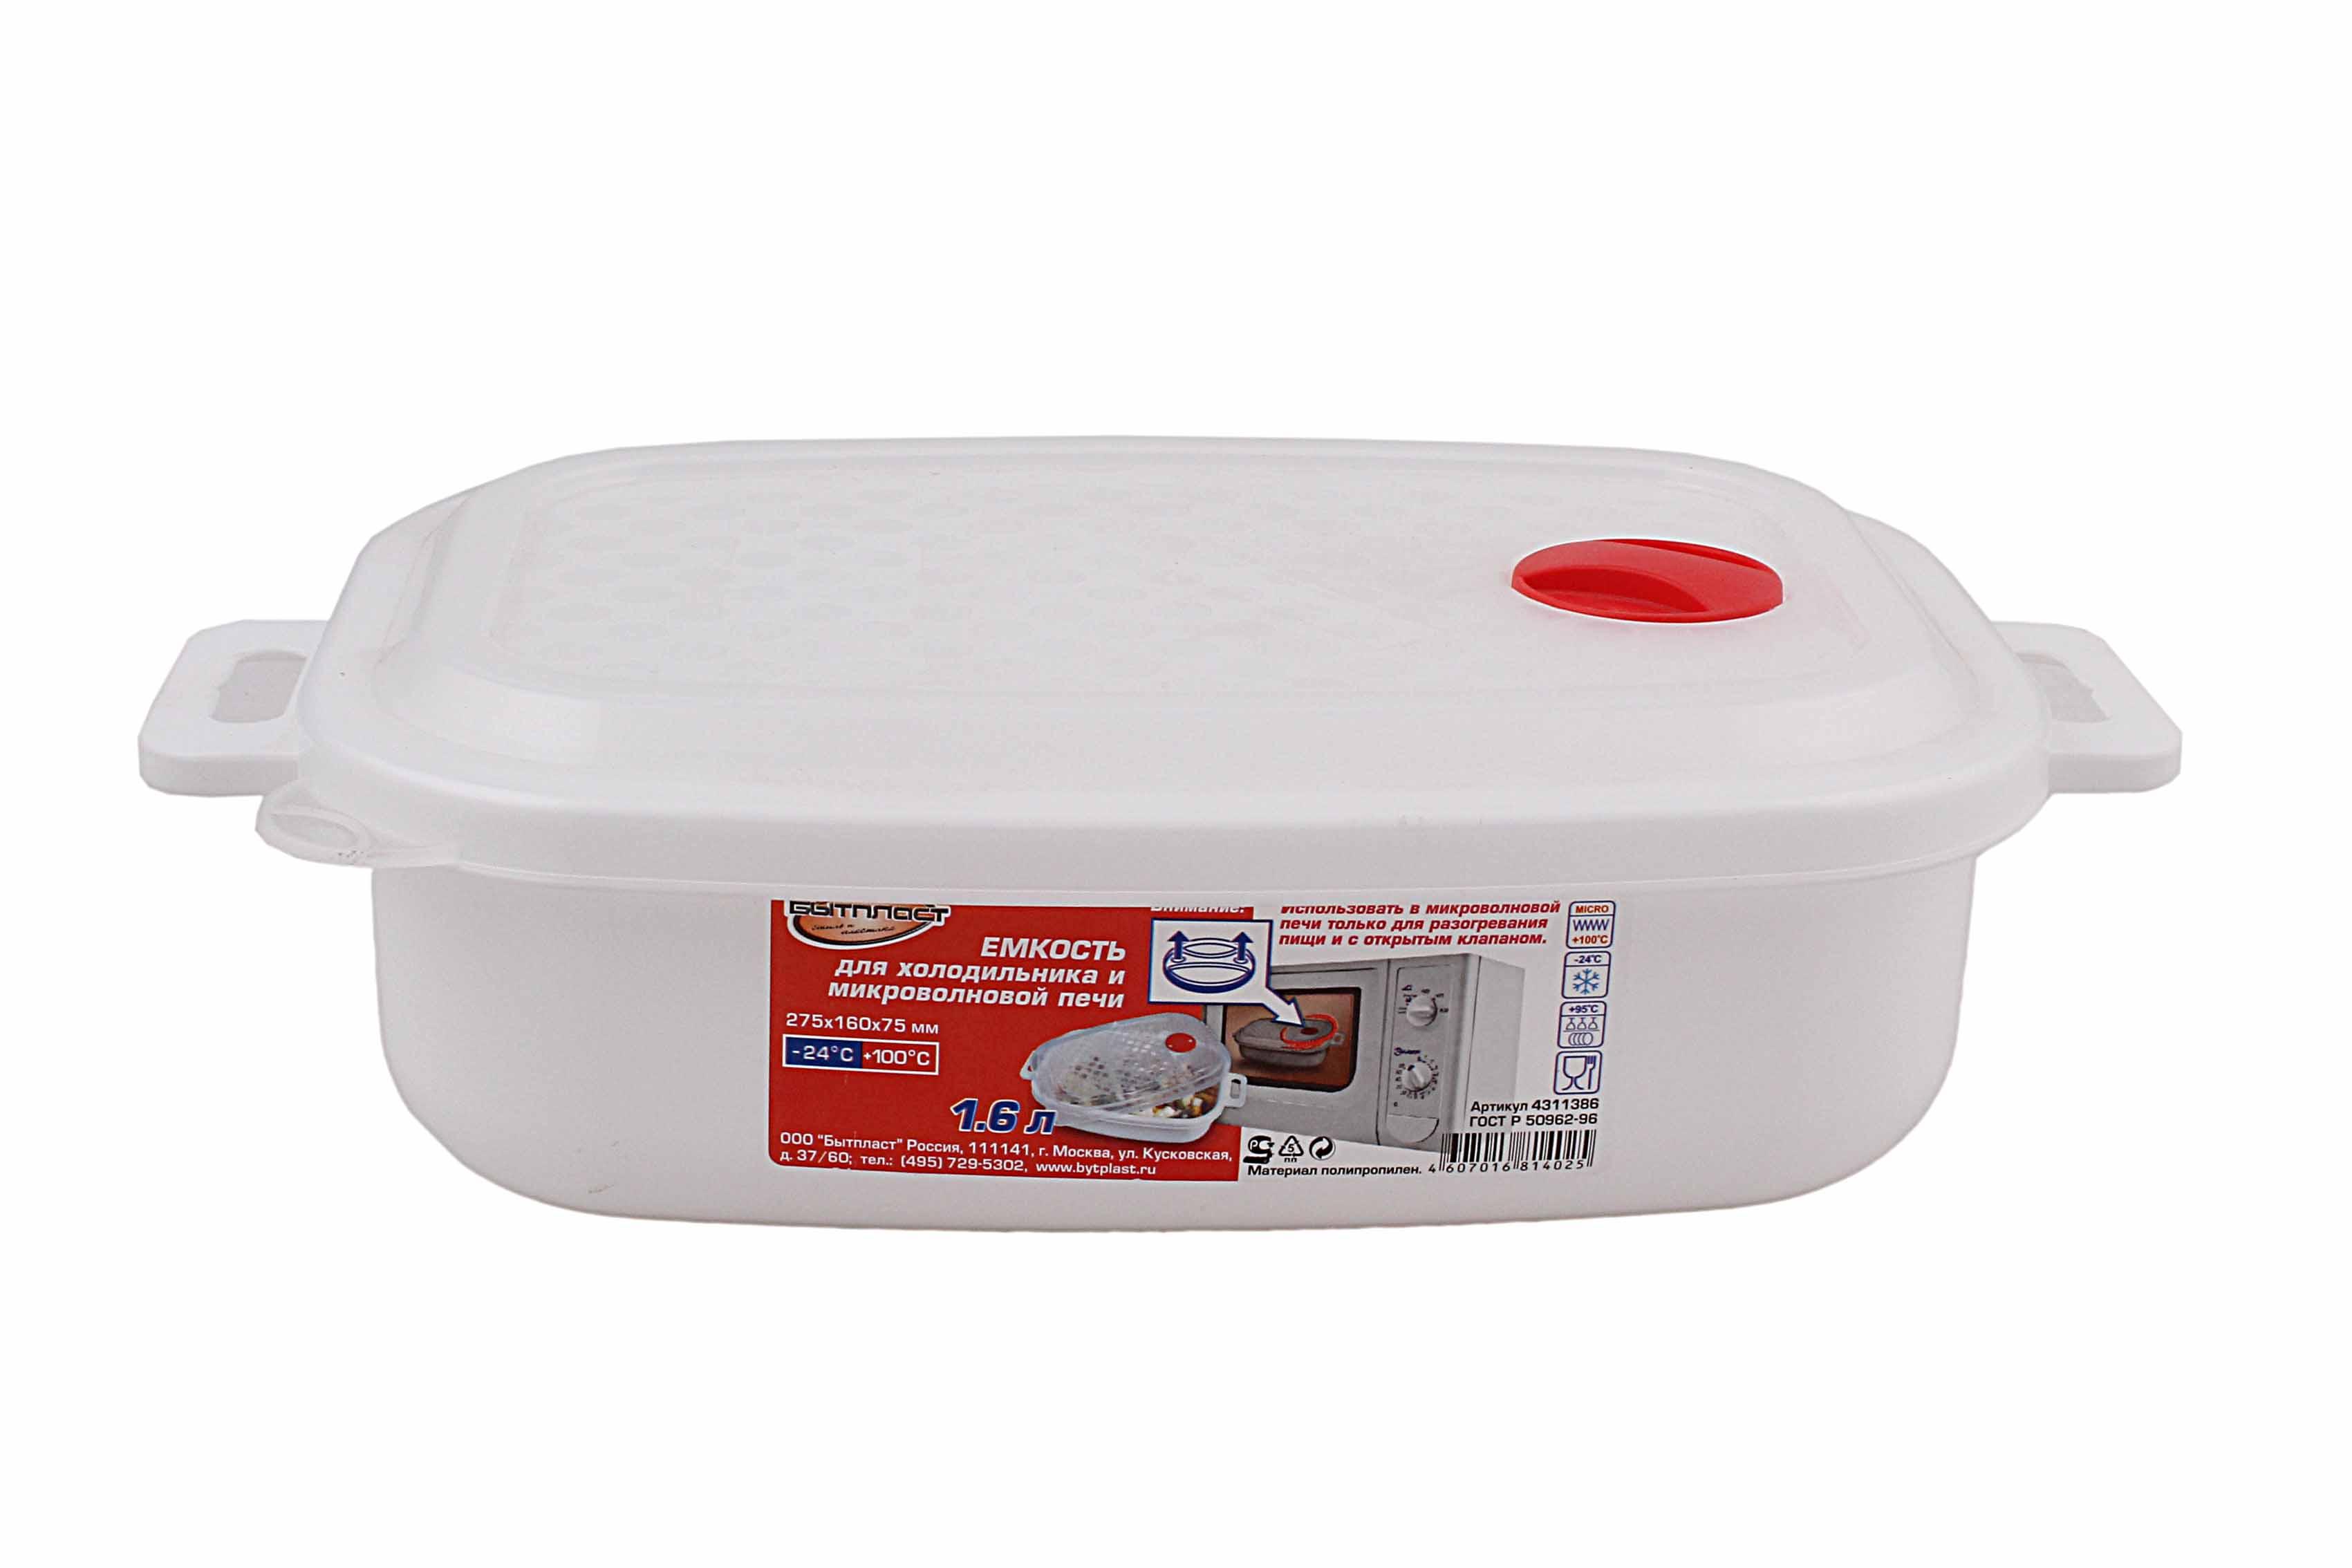 Пластиковая посуда для СВЧ Бытпласт Real Brand Technics 123.000